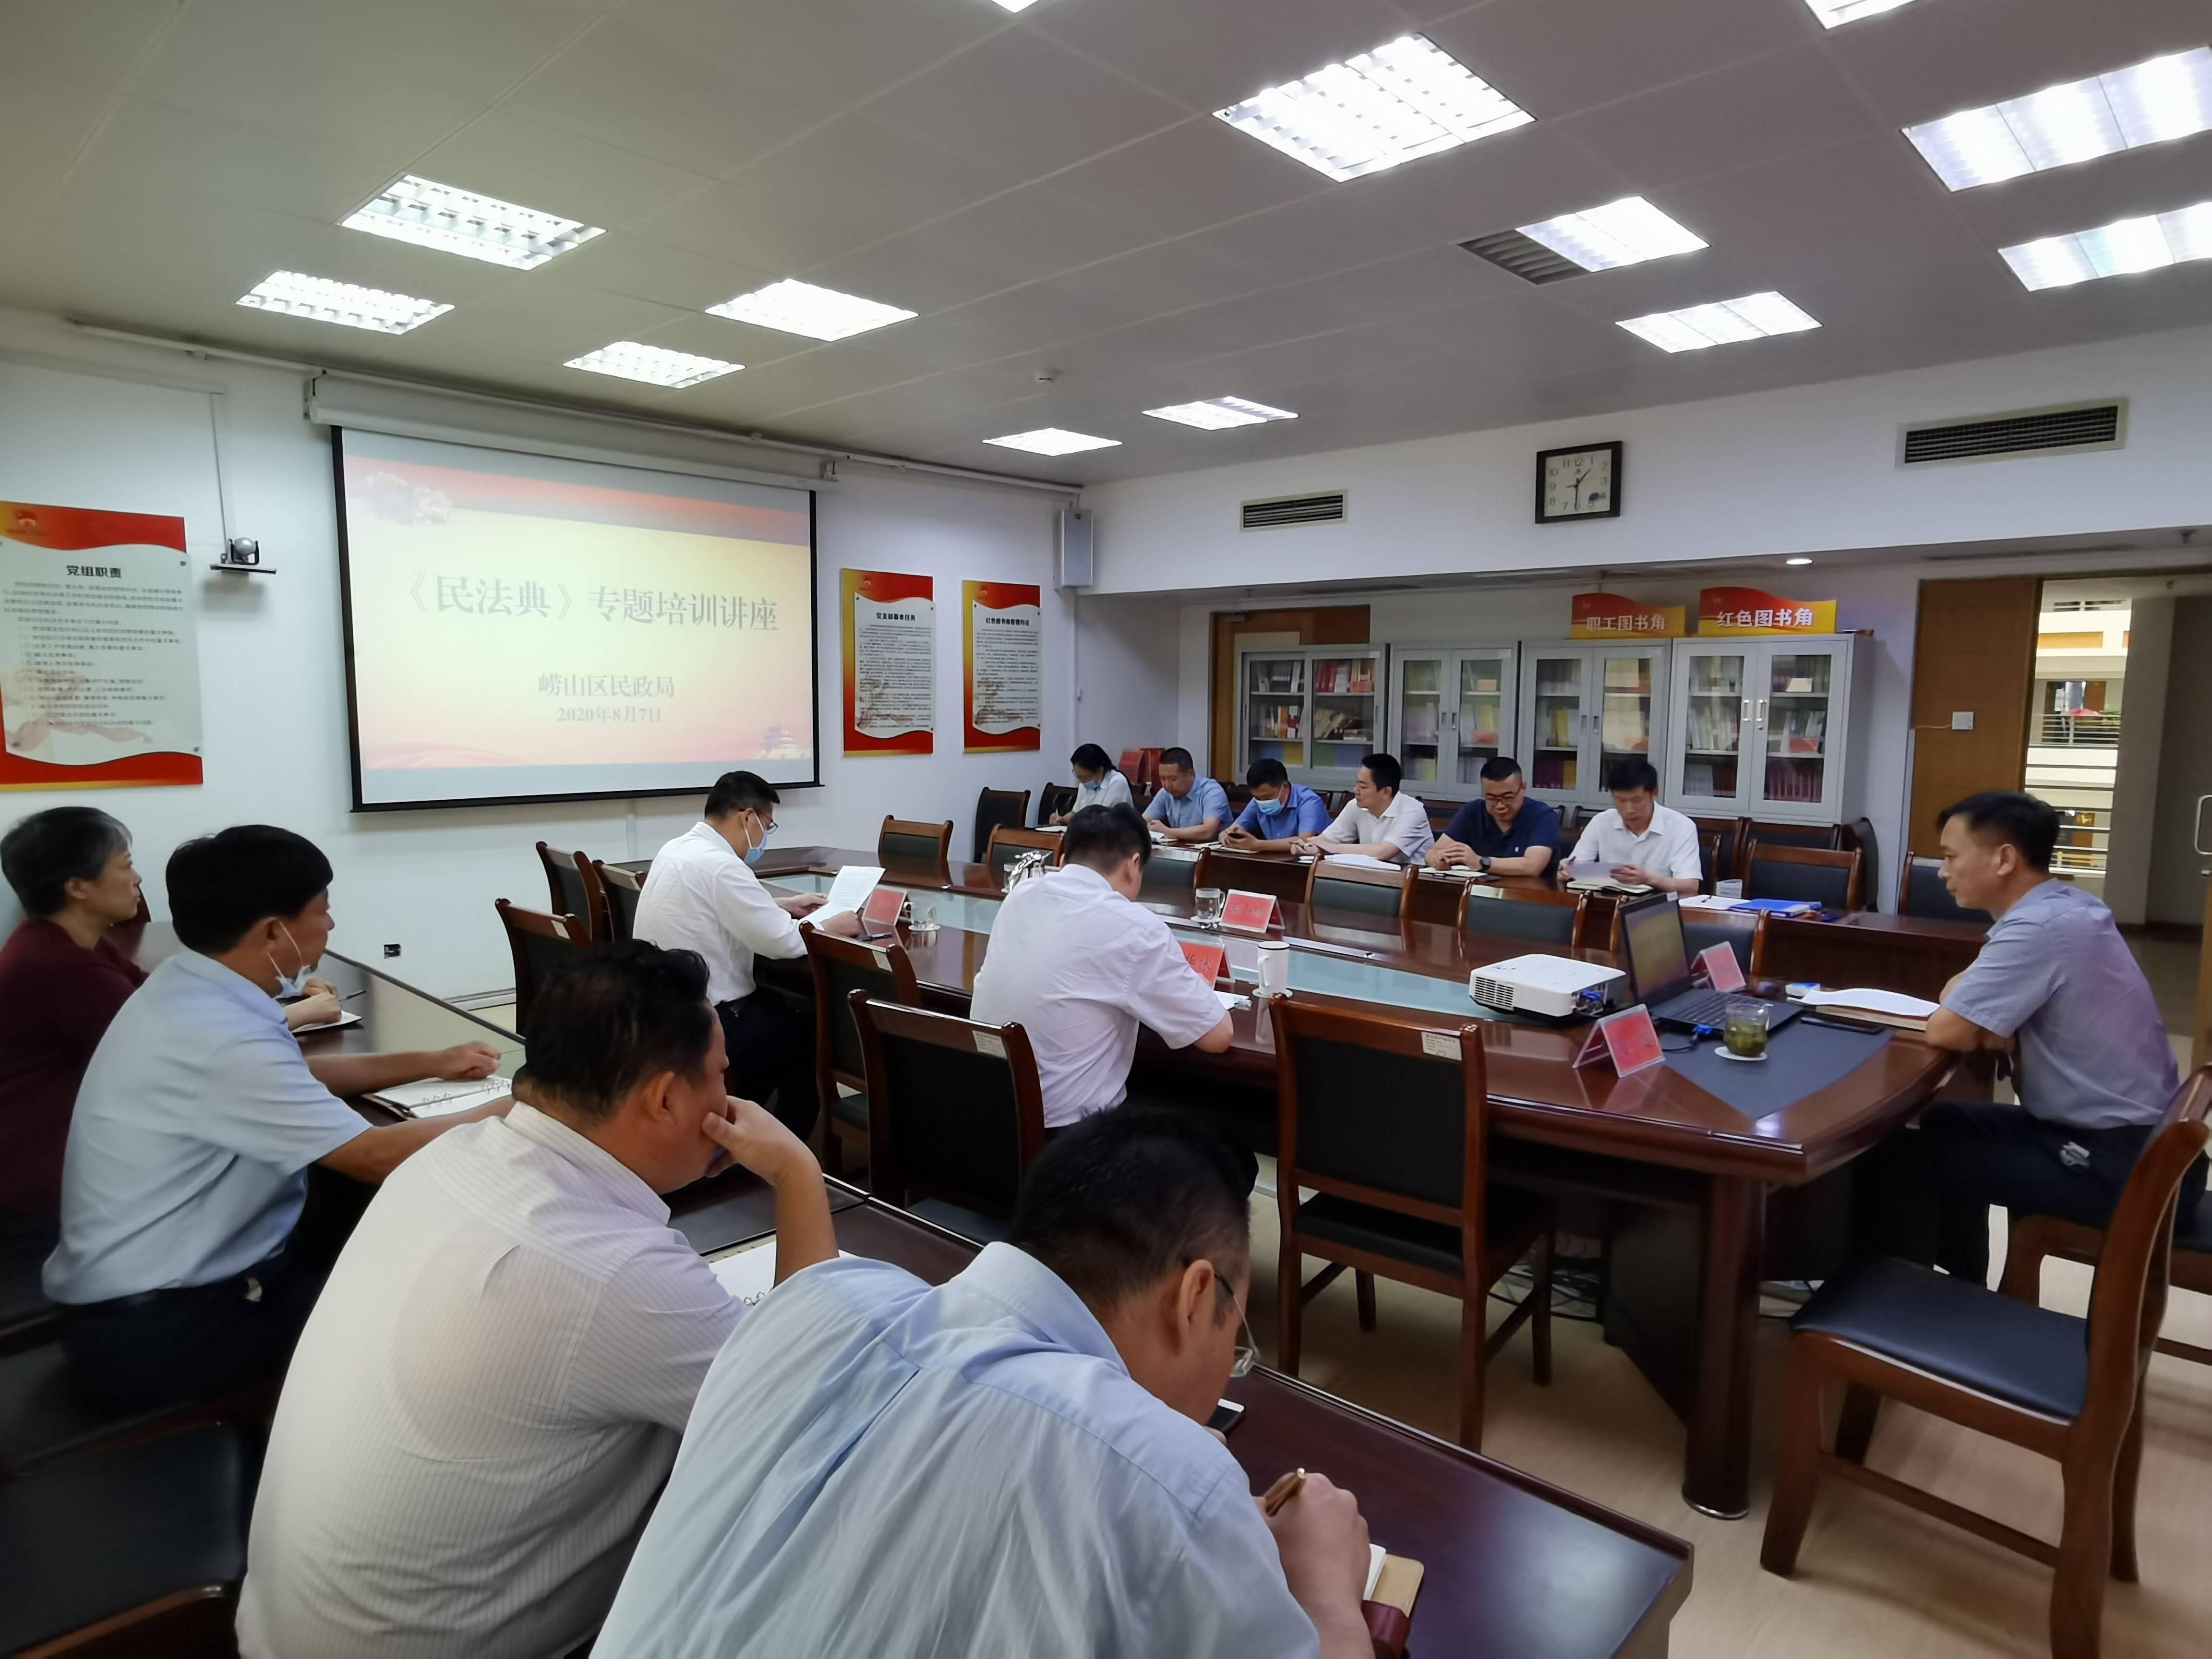 崂山区民政局举办《民法典》专题培训讲座